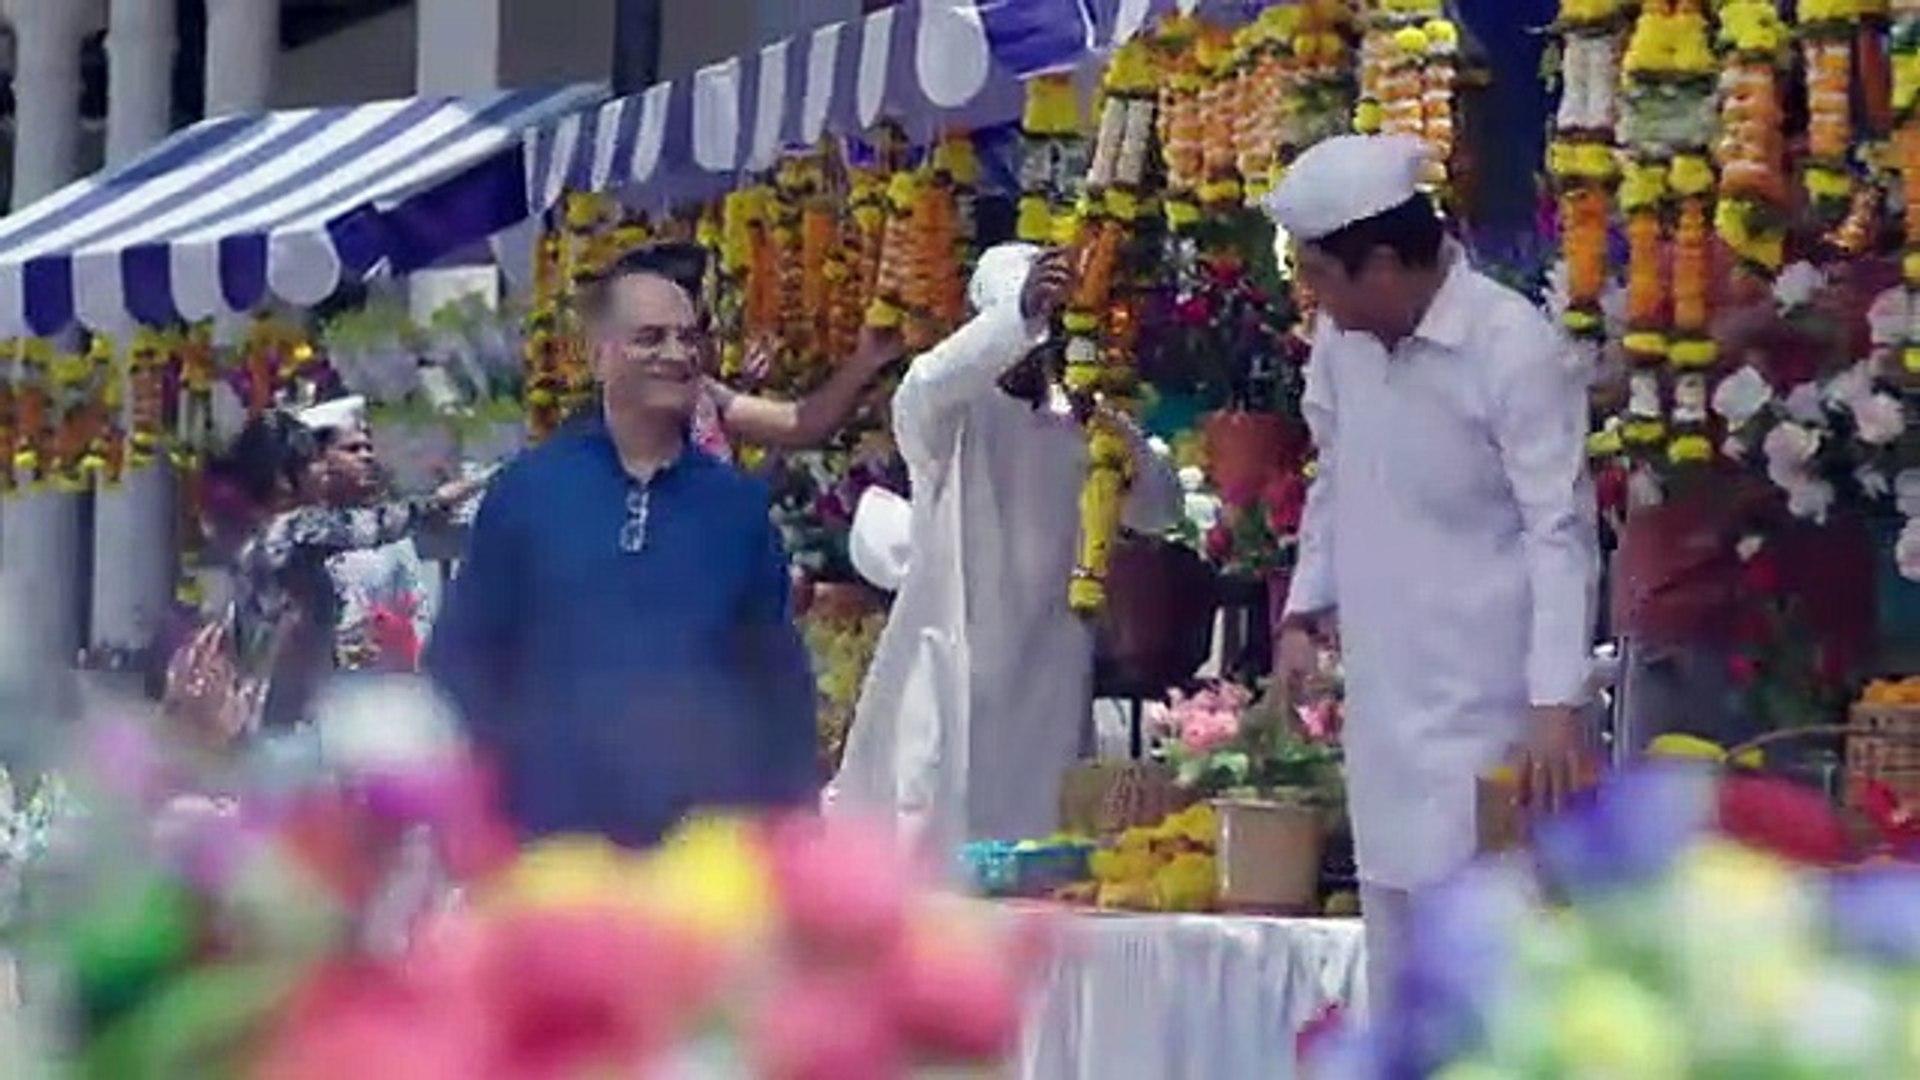 Khi Người Giàu Yêu Tập 1 , Phim Ấn Độ, HTV7 Raw, Phim Khi Nguoi Giau Yeu Tap 1 , Phim Khi Người Giàu